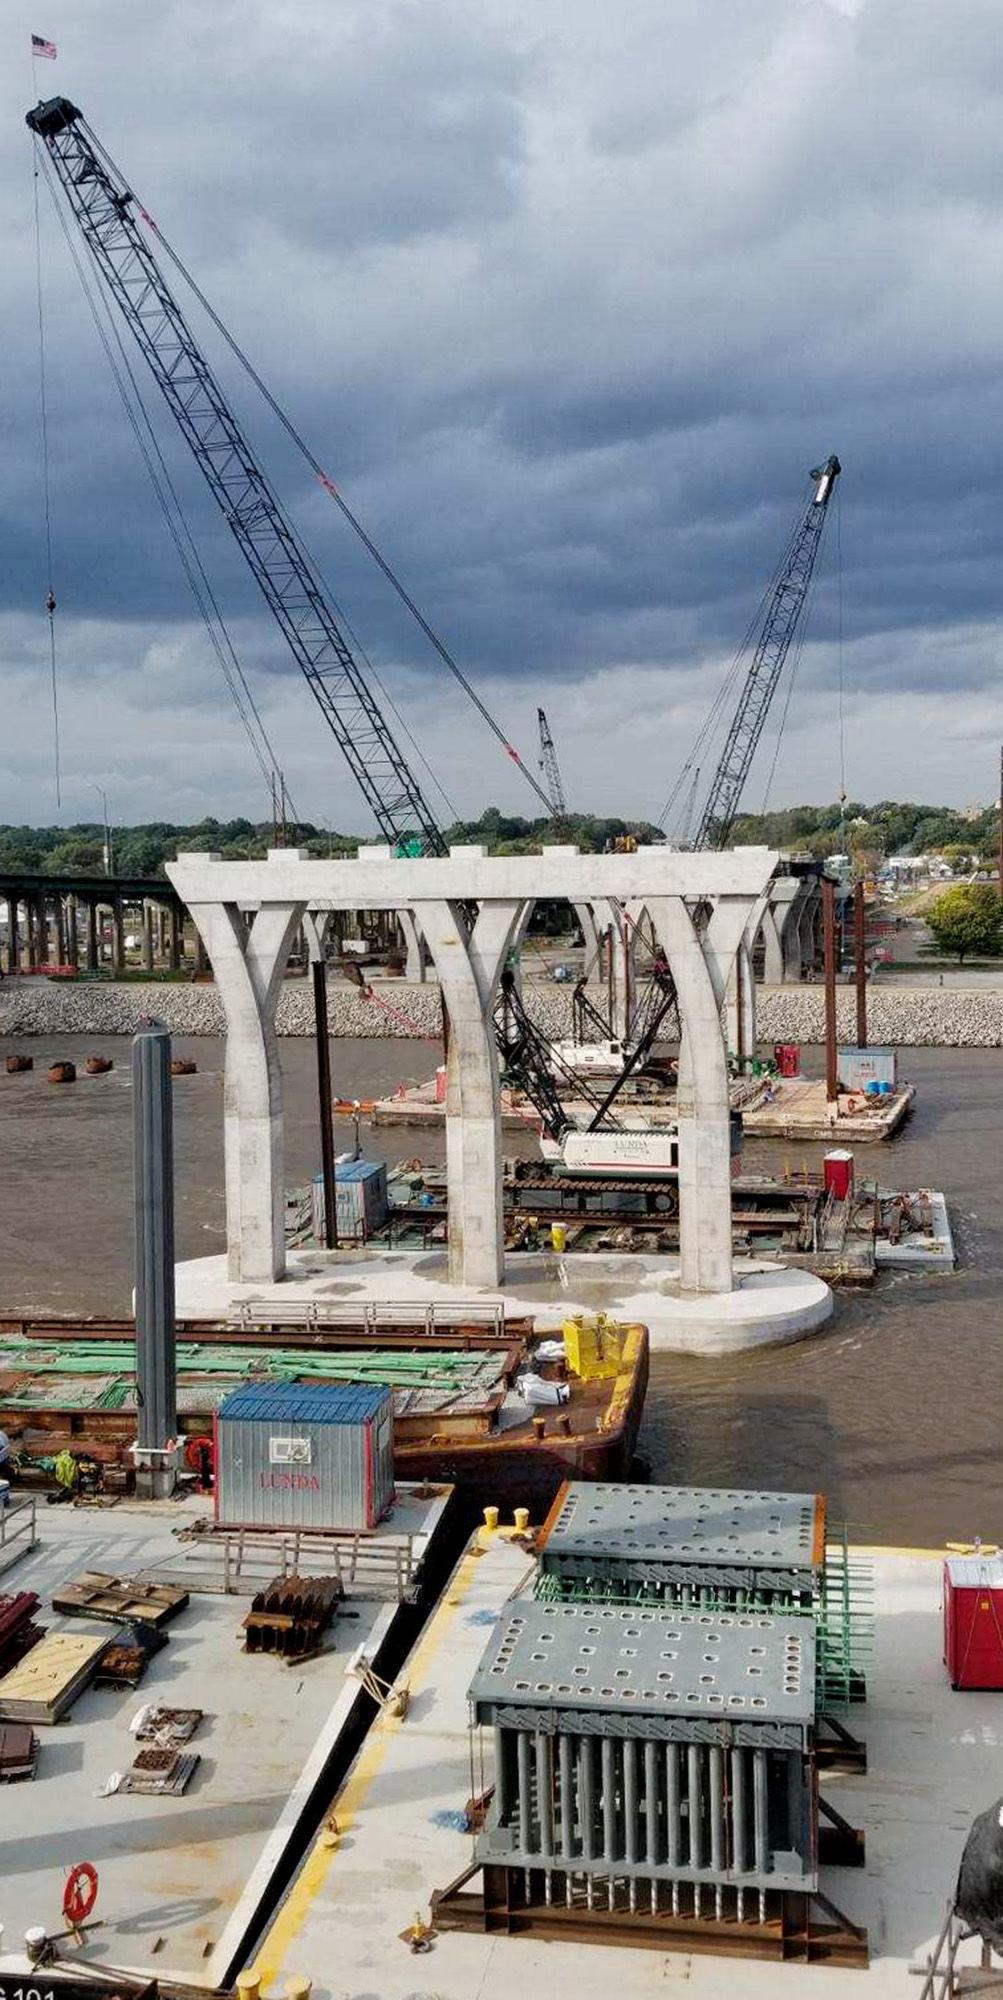 020119-qct-big-story-bridge-014